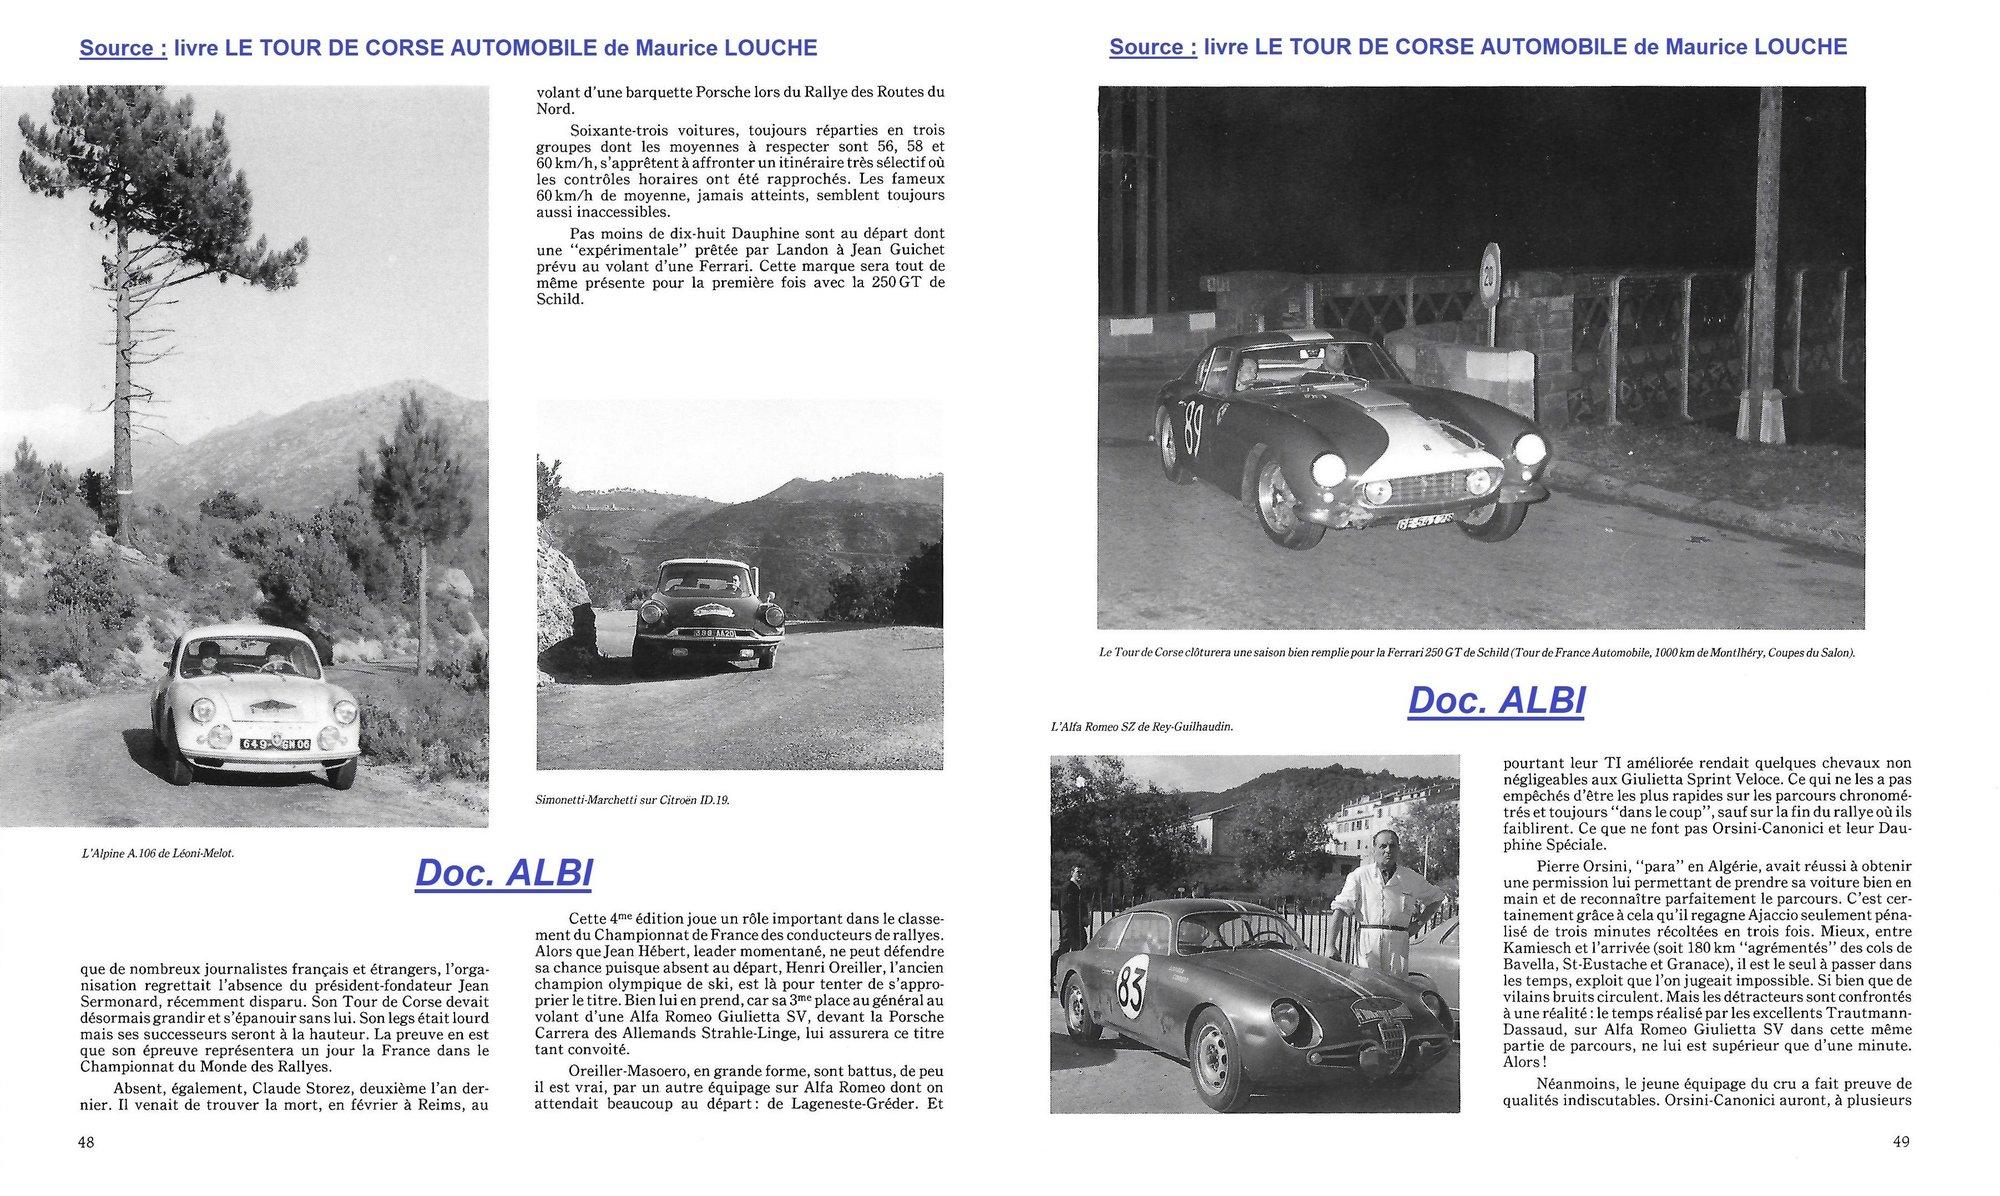 1959-Tour-Corse-M-Louche-04-05-a.thumb.jpg.5c8f32fe9600c9d3736e108db2acbb17.jpg